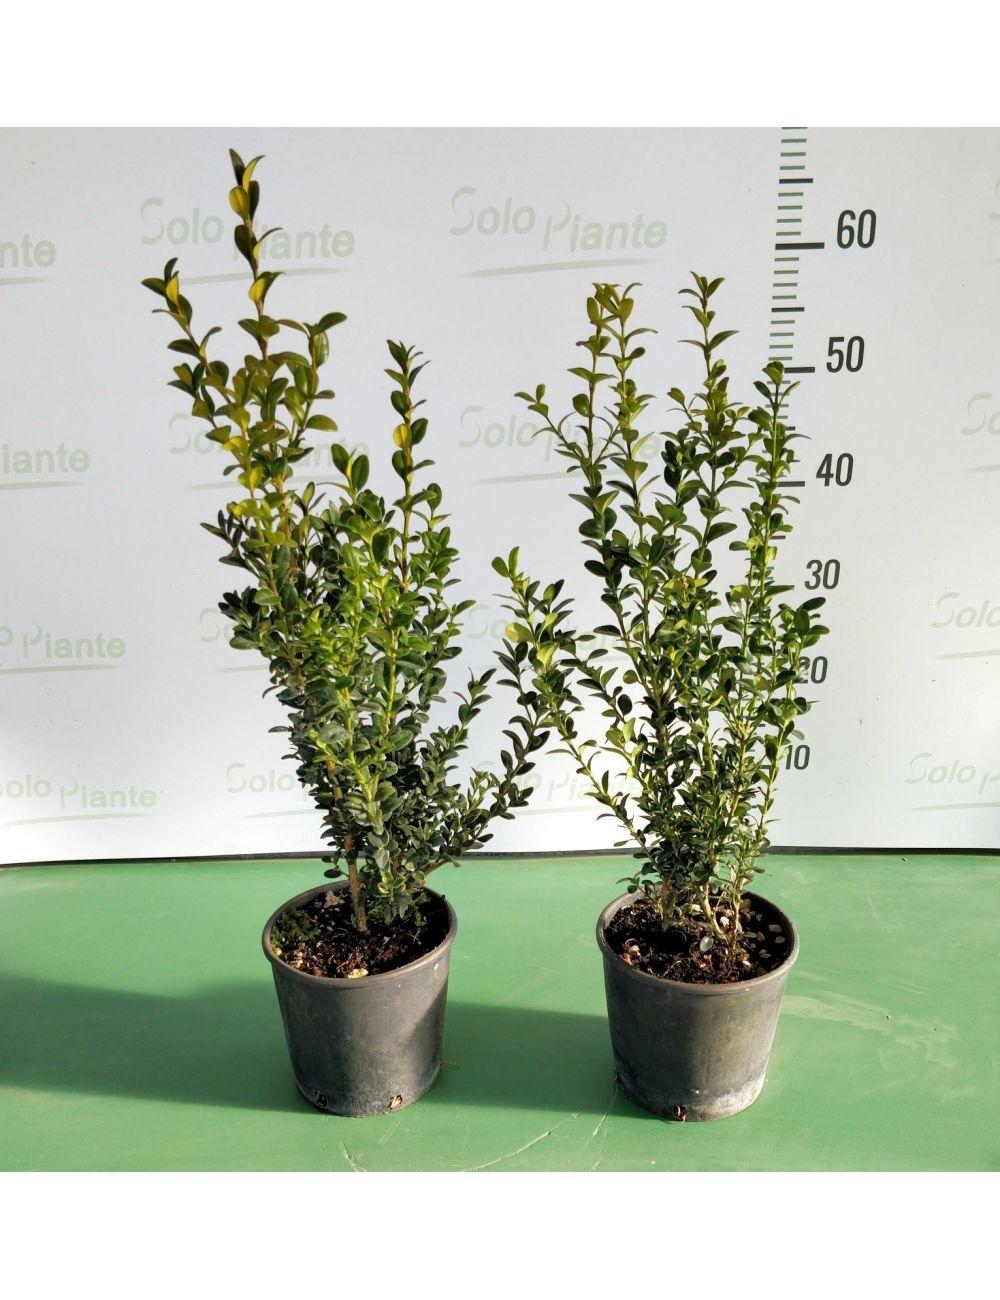 Bosso comune buxus sempervirens vaso 15 cm vendita for Bosso vaso